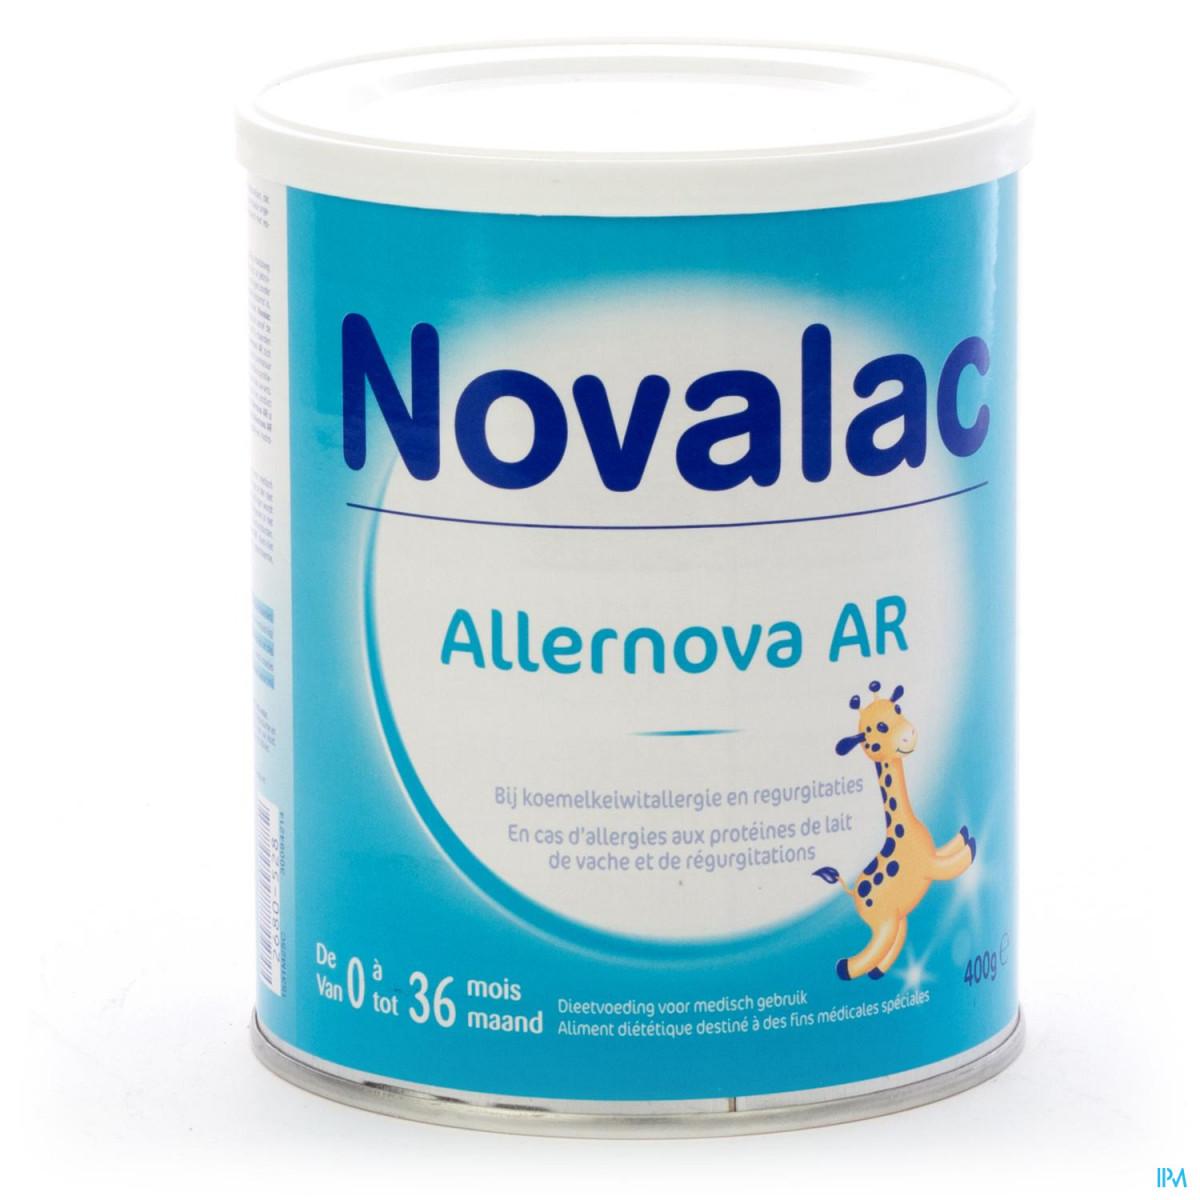 NOVALAC ALLERNOVA AR 400 G  Discount prices